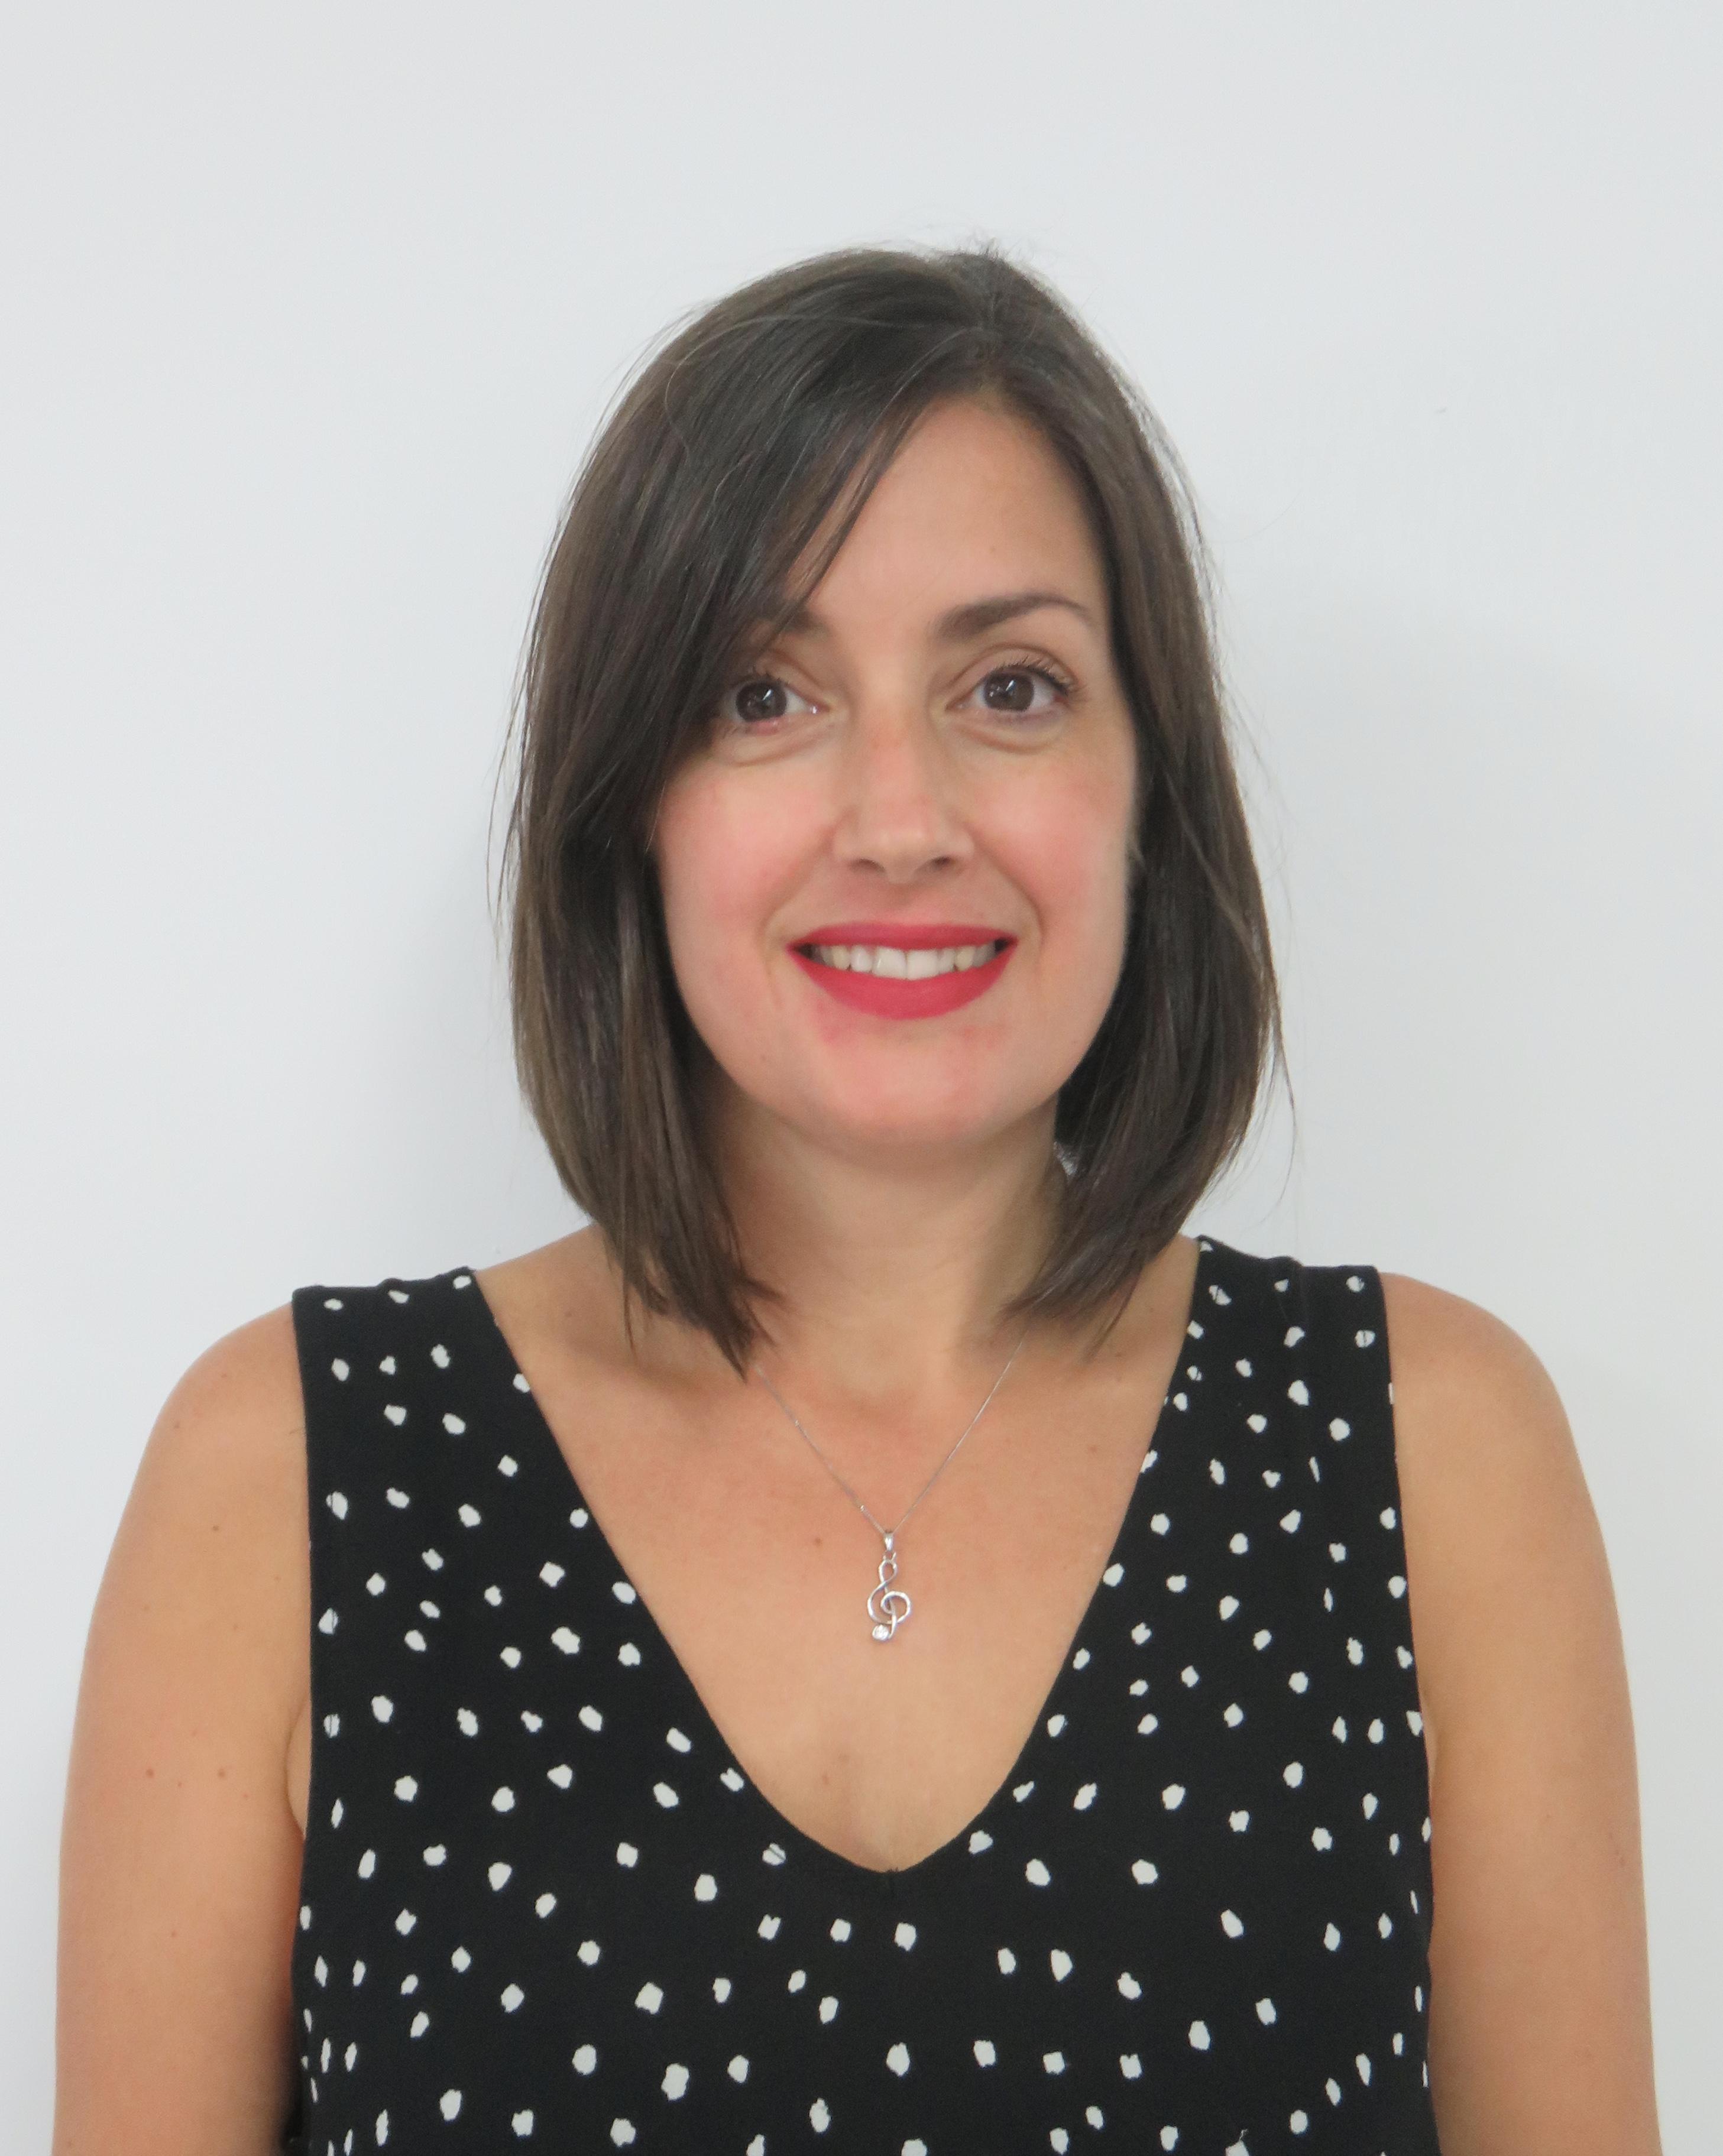 Patricia (Patricia.jpg)